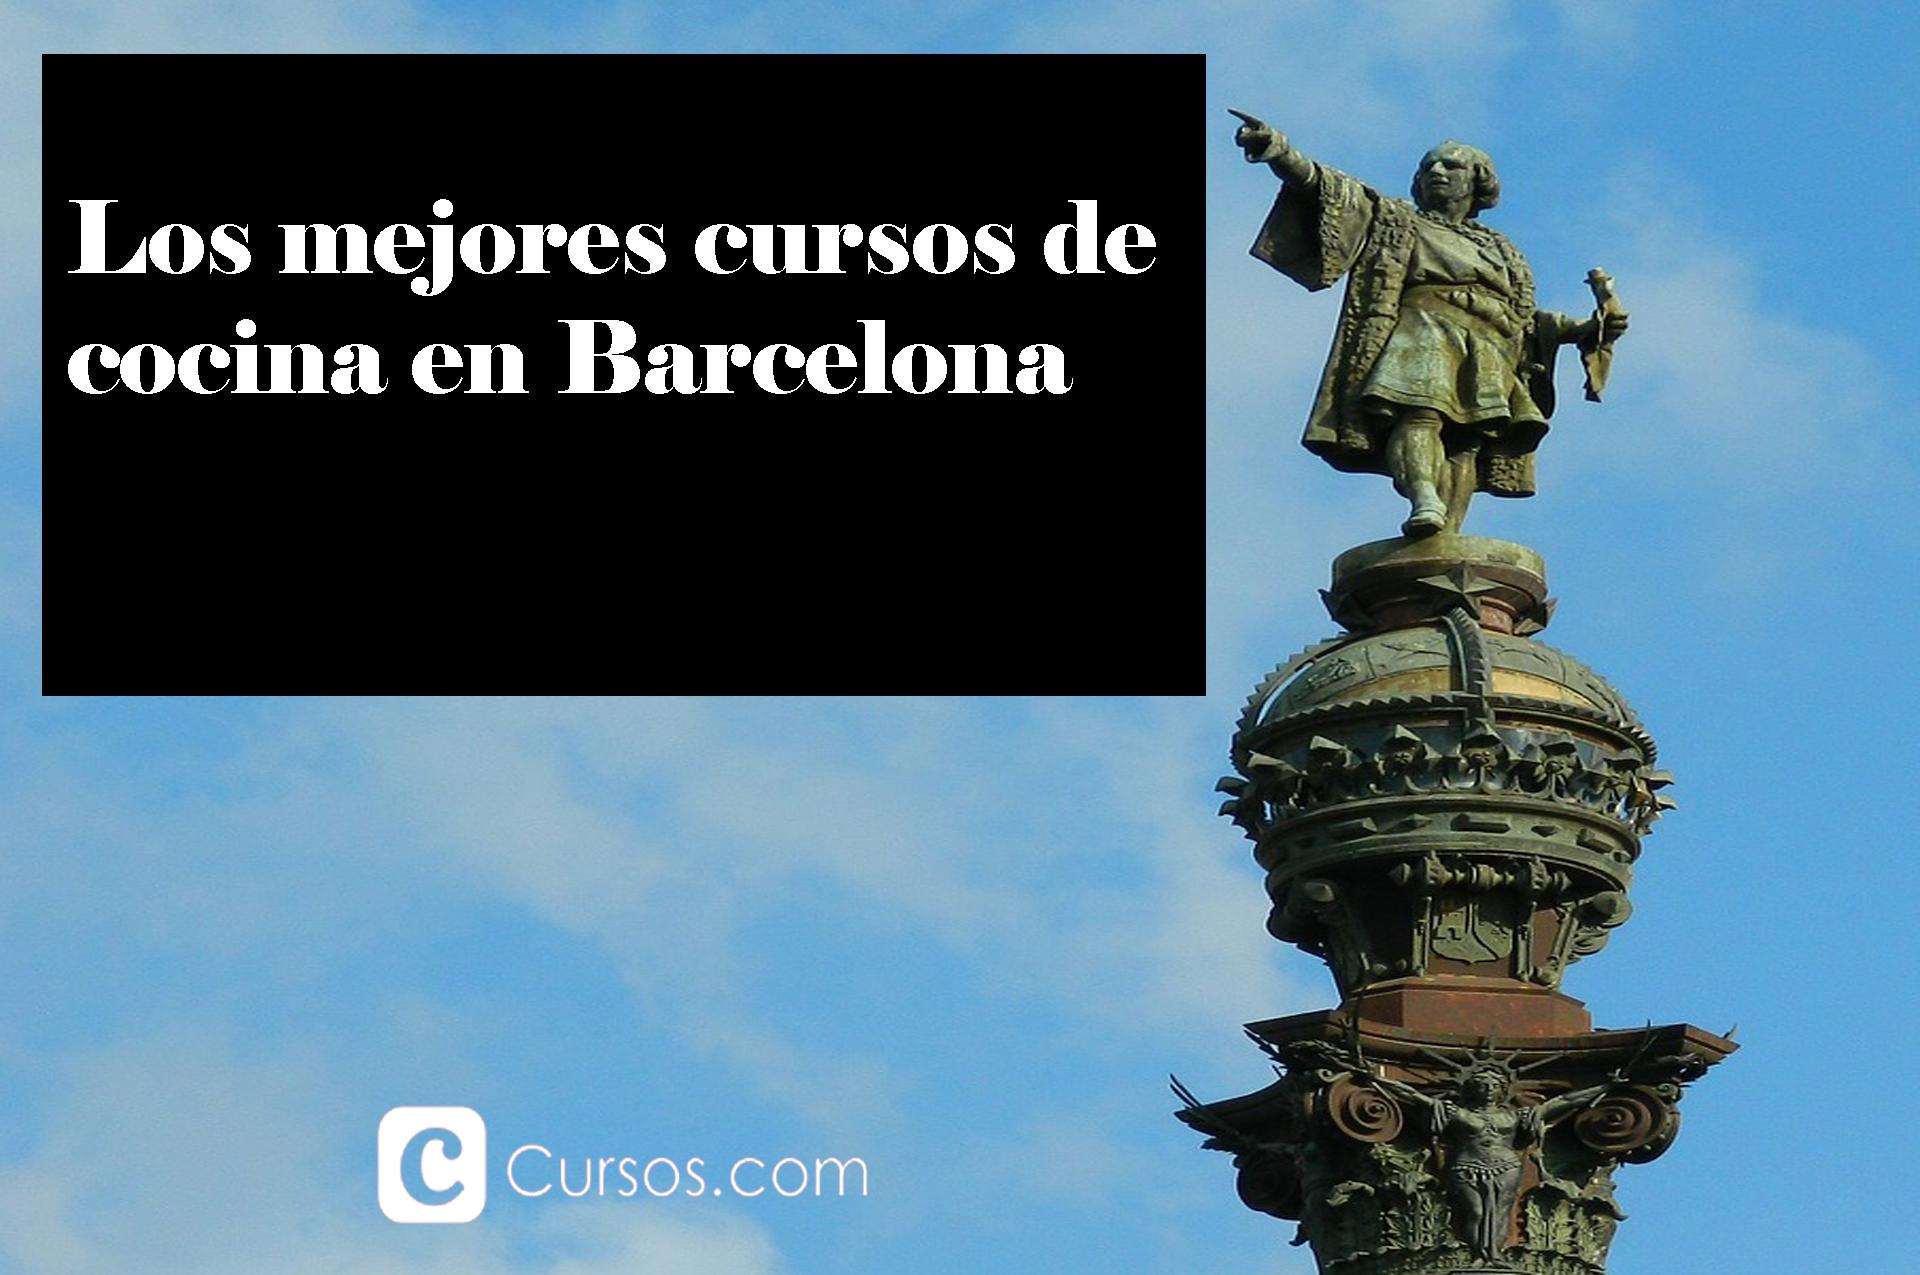 Los mejores cursos de cocina en barcelona - Cursos de cocina sabadell ...